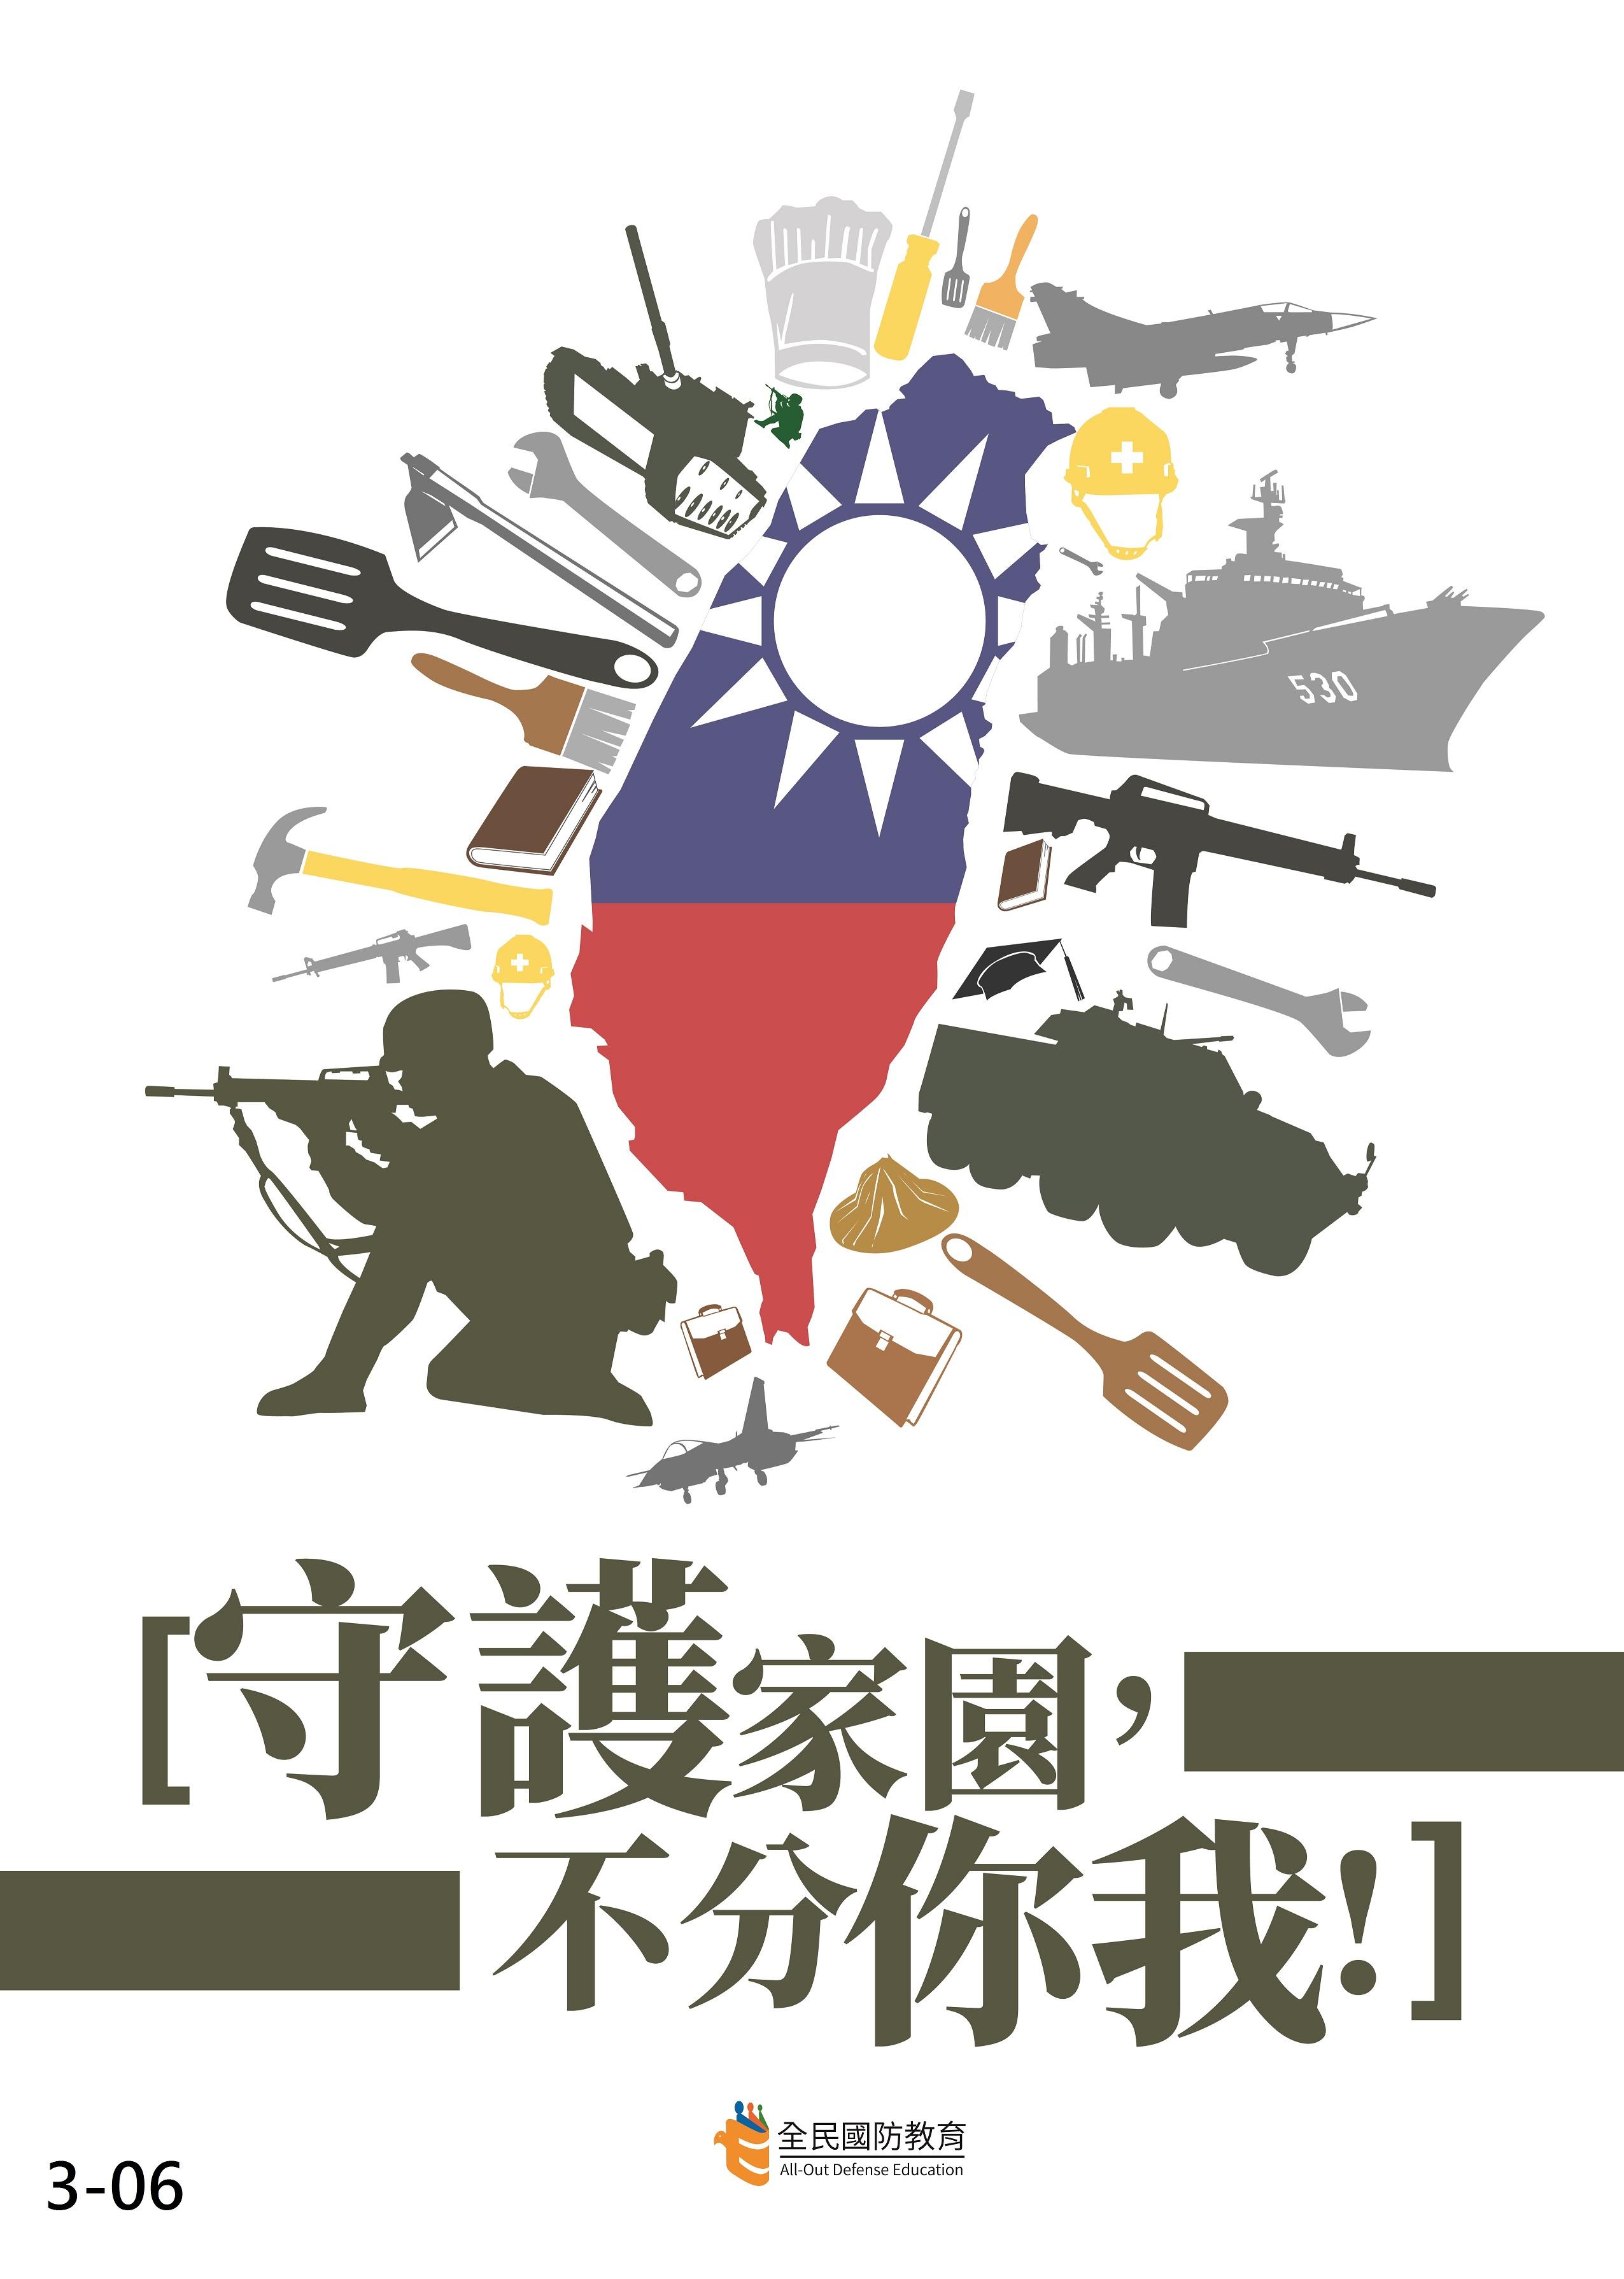 第1名-高O中(士林高商教師).jpg